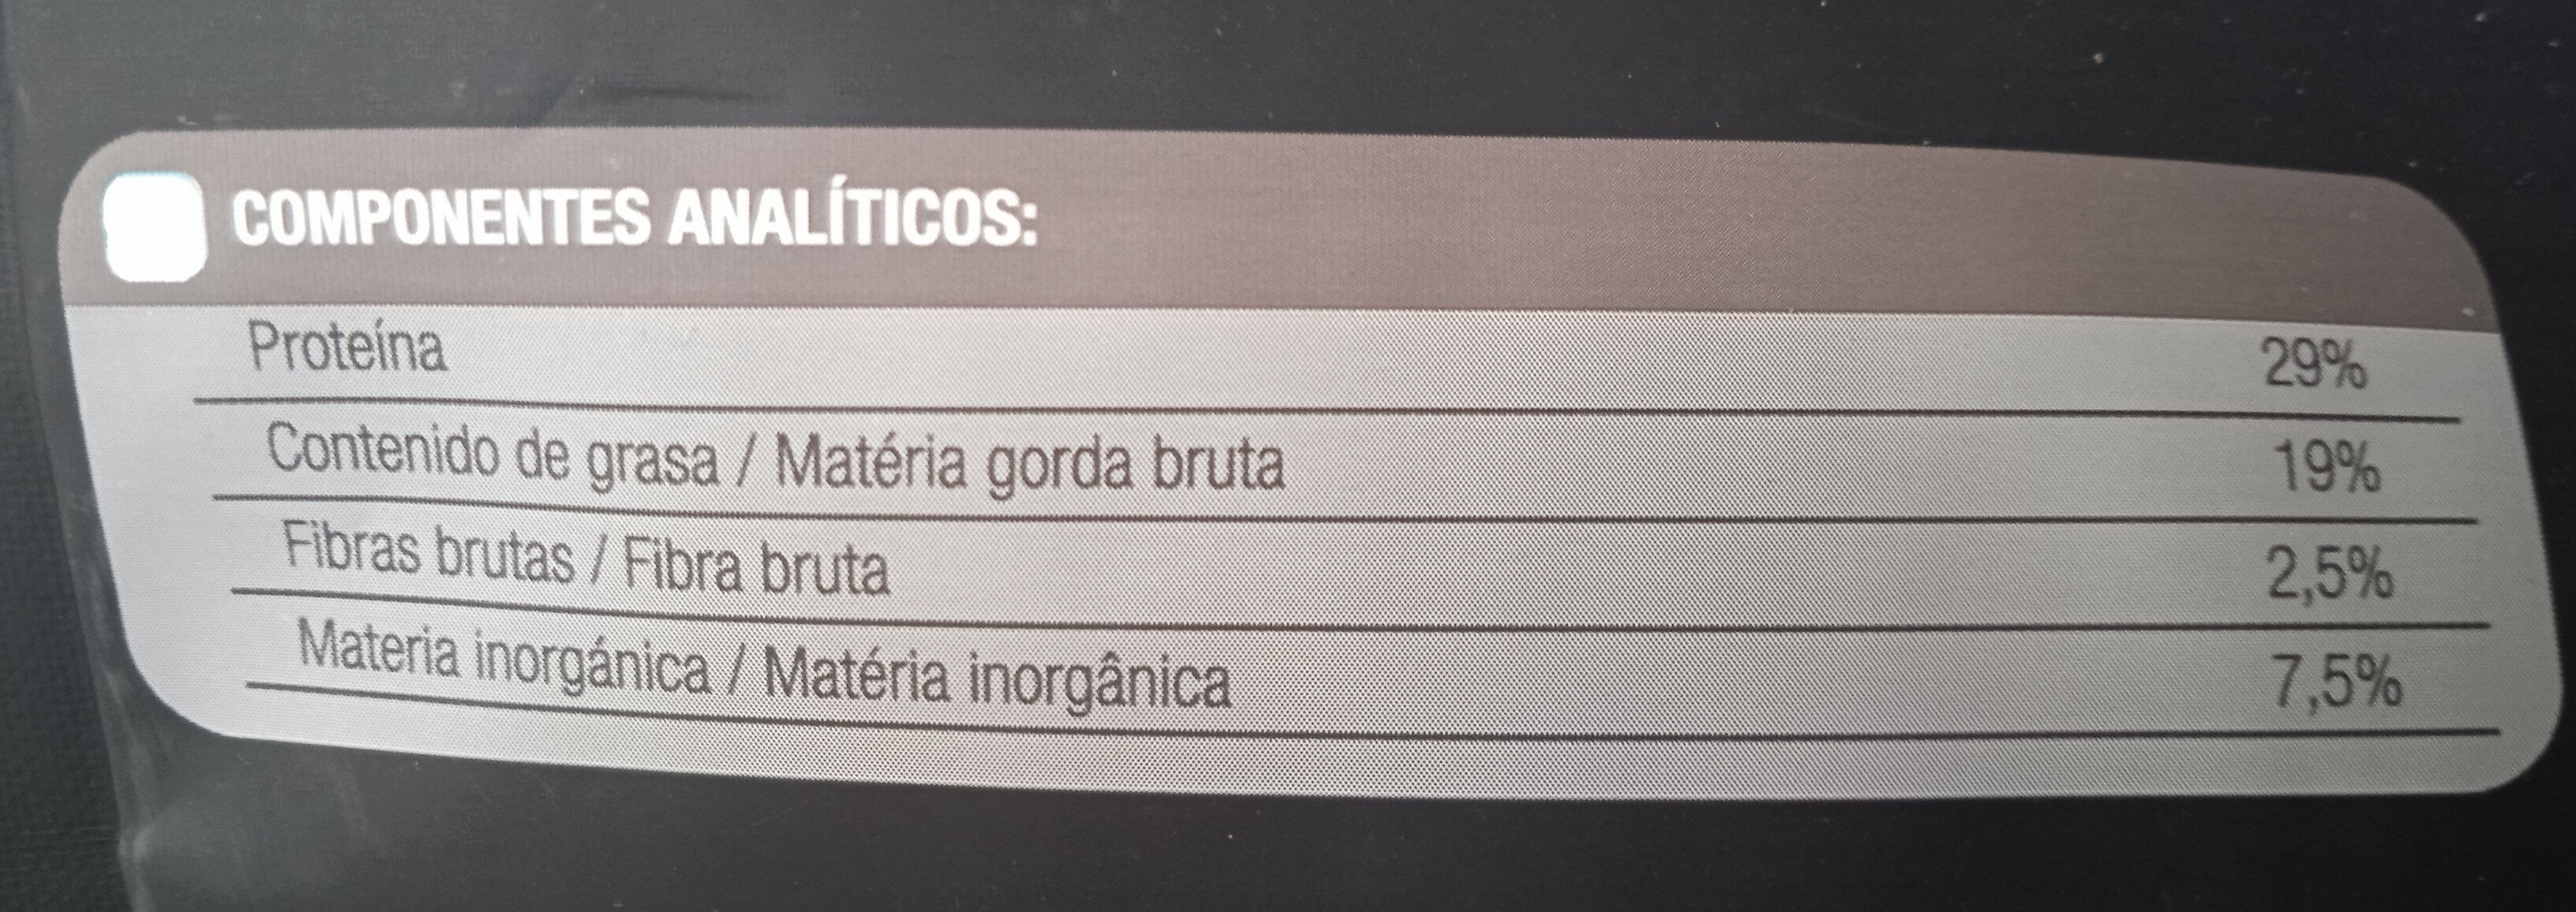 Júnior Pollo y Arroz - Nutrition facts - es